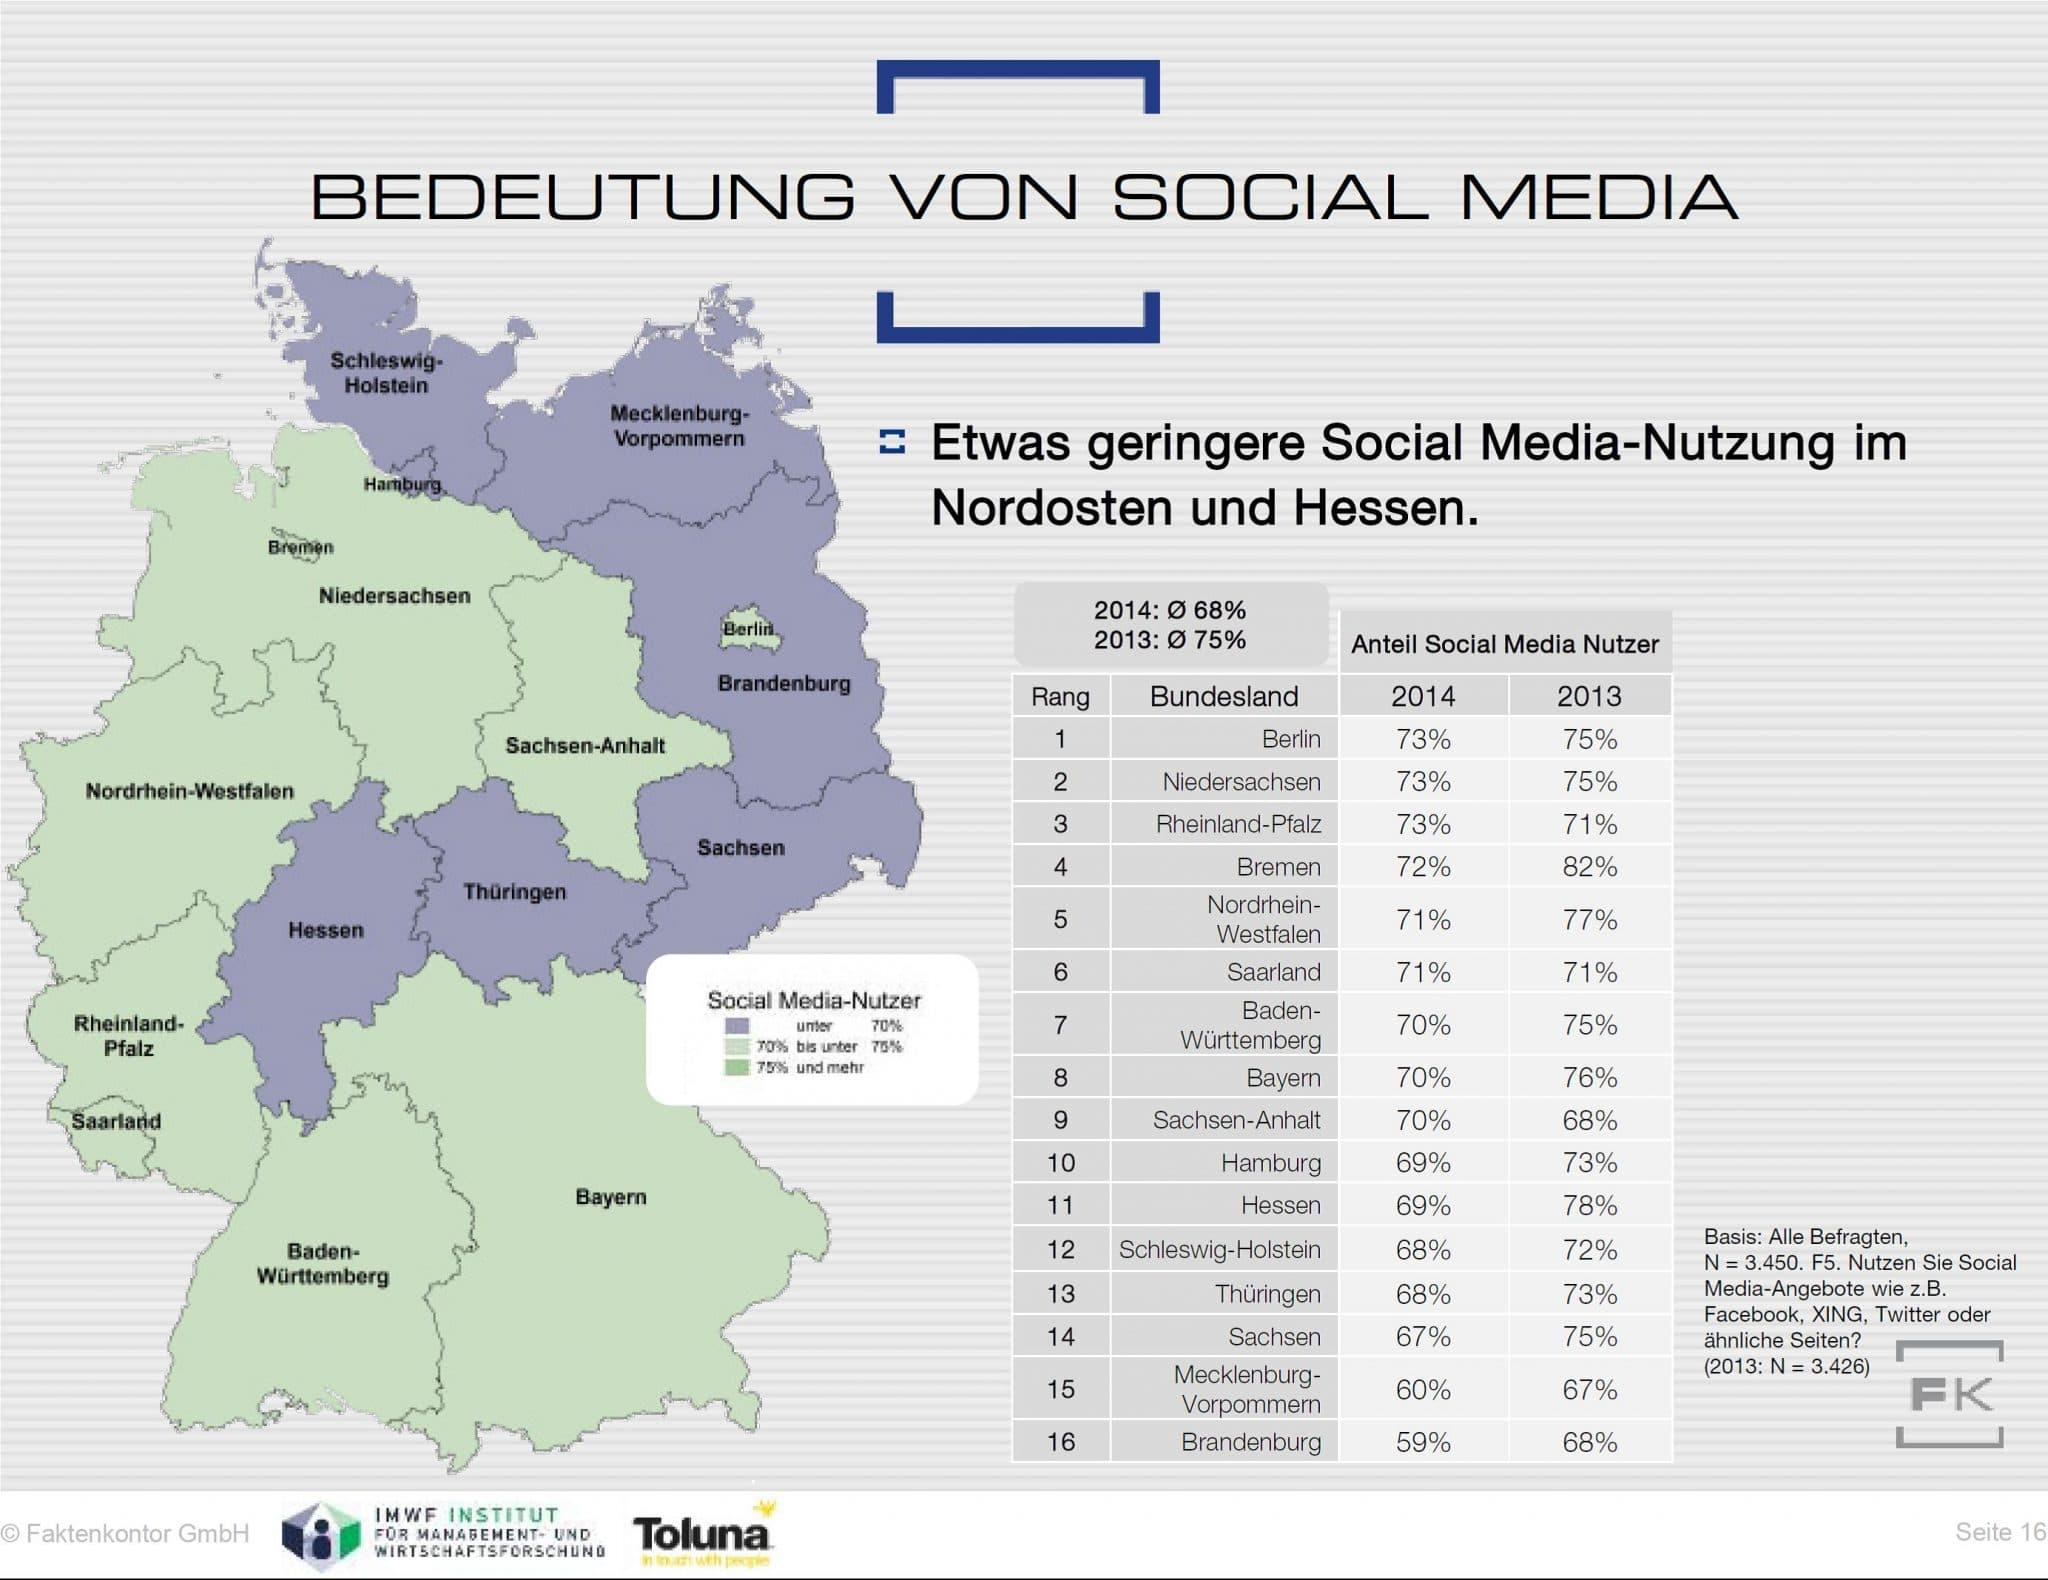 Die Bedeutung von Social Media in Deutschland